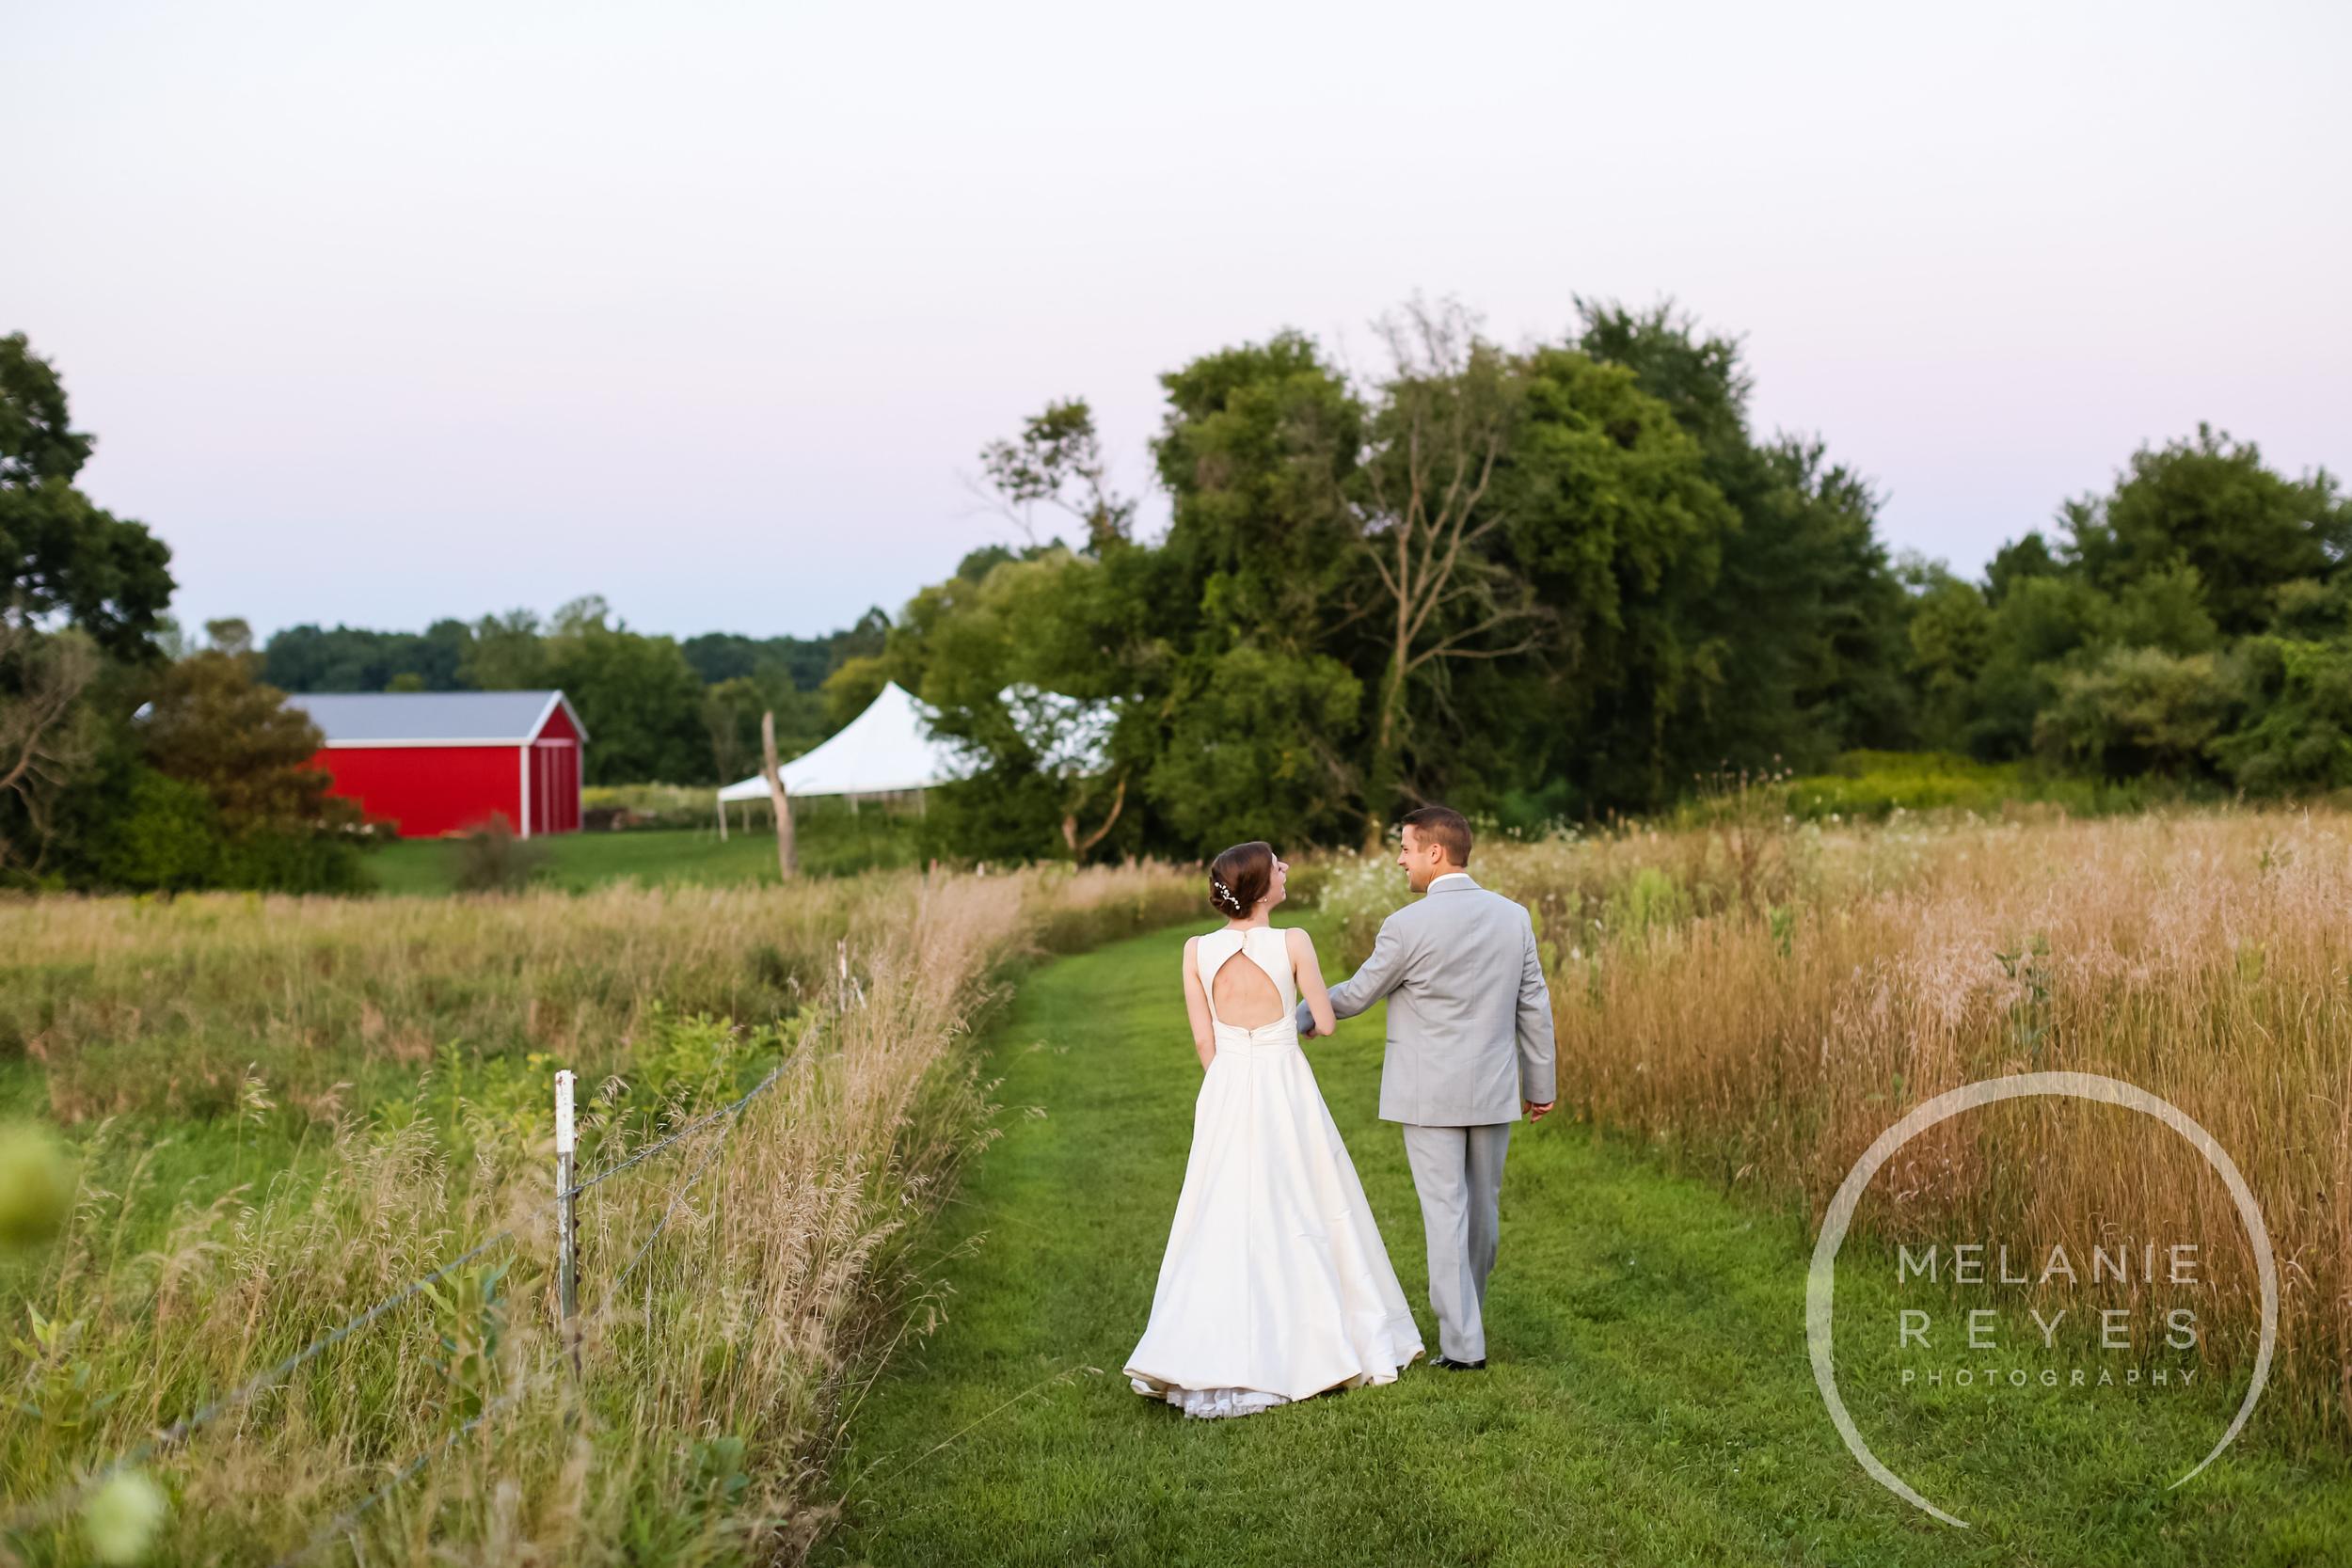 079_farm_wedding_melanie_reyes.JPG